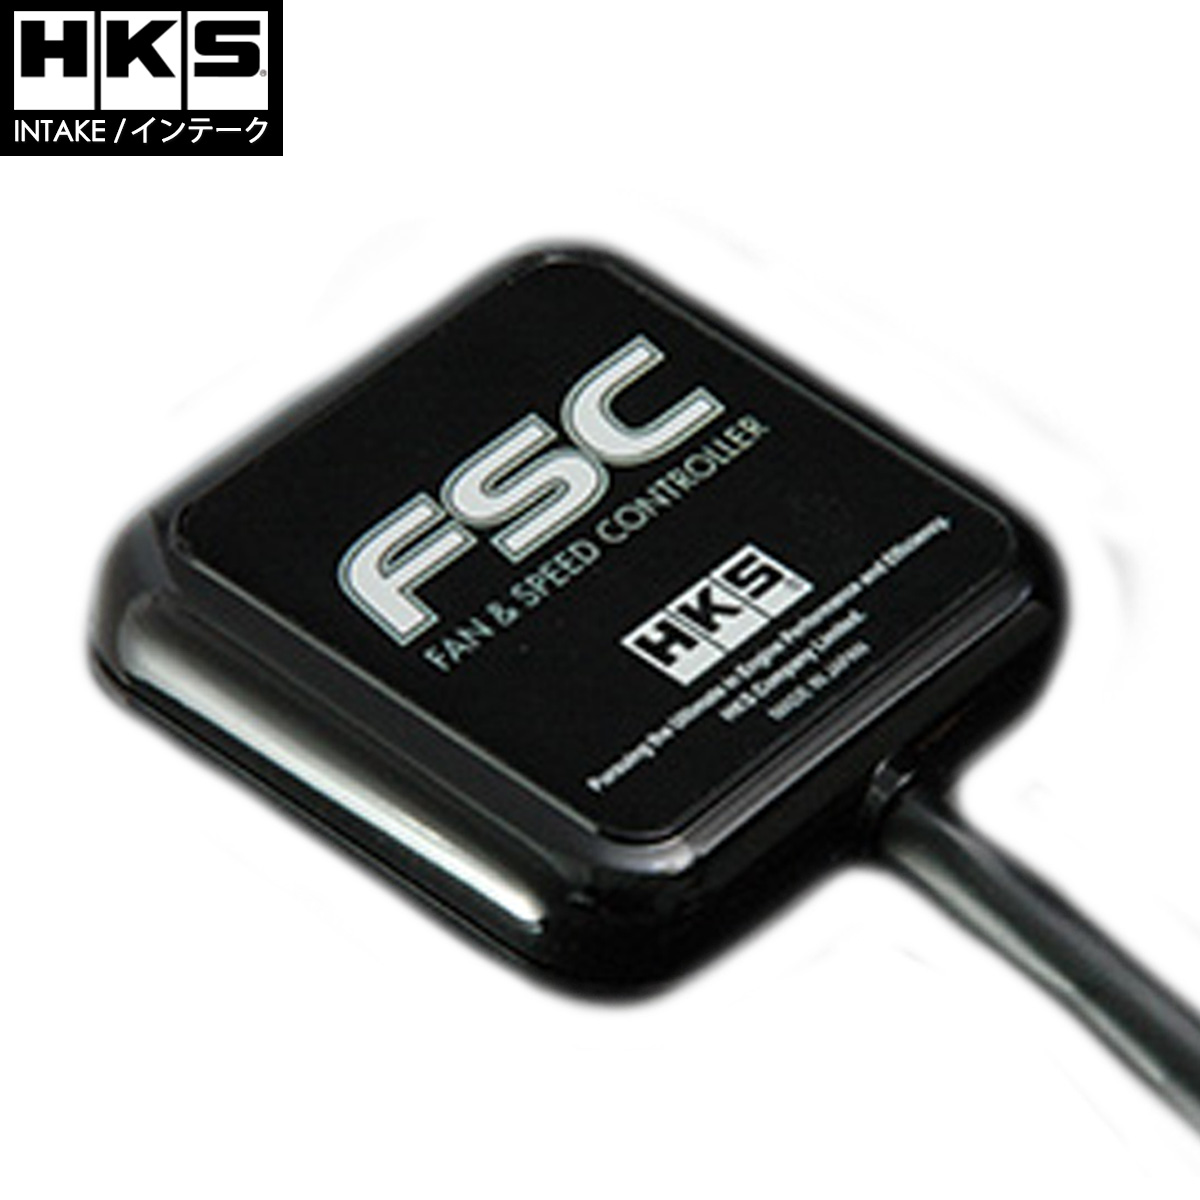 ステージア スピードリミッターカット FSC ファン スピードコントローラー NM35 HKS 45007-AN001 エレクトリニクス 個人宅発送追金有